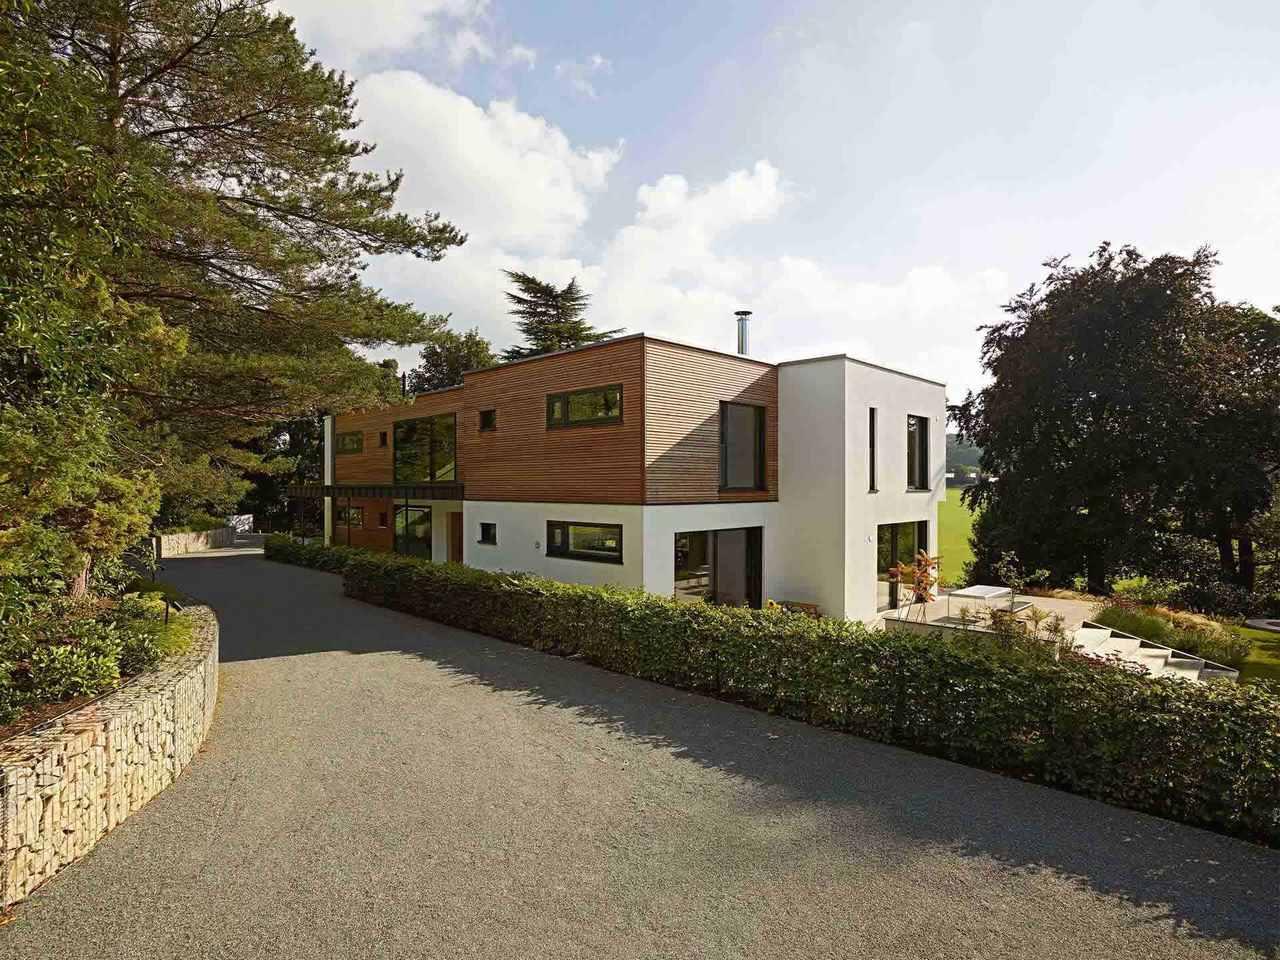 Haus Crichton Baufritz